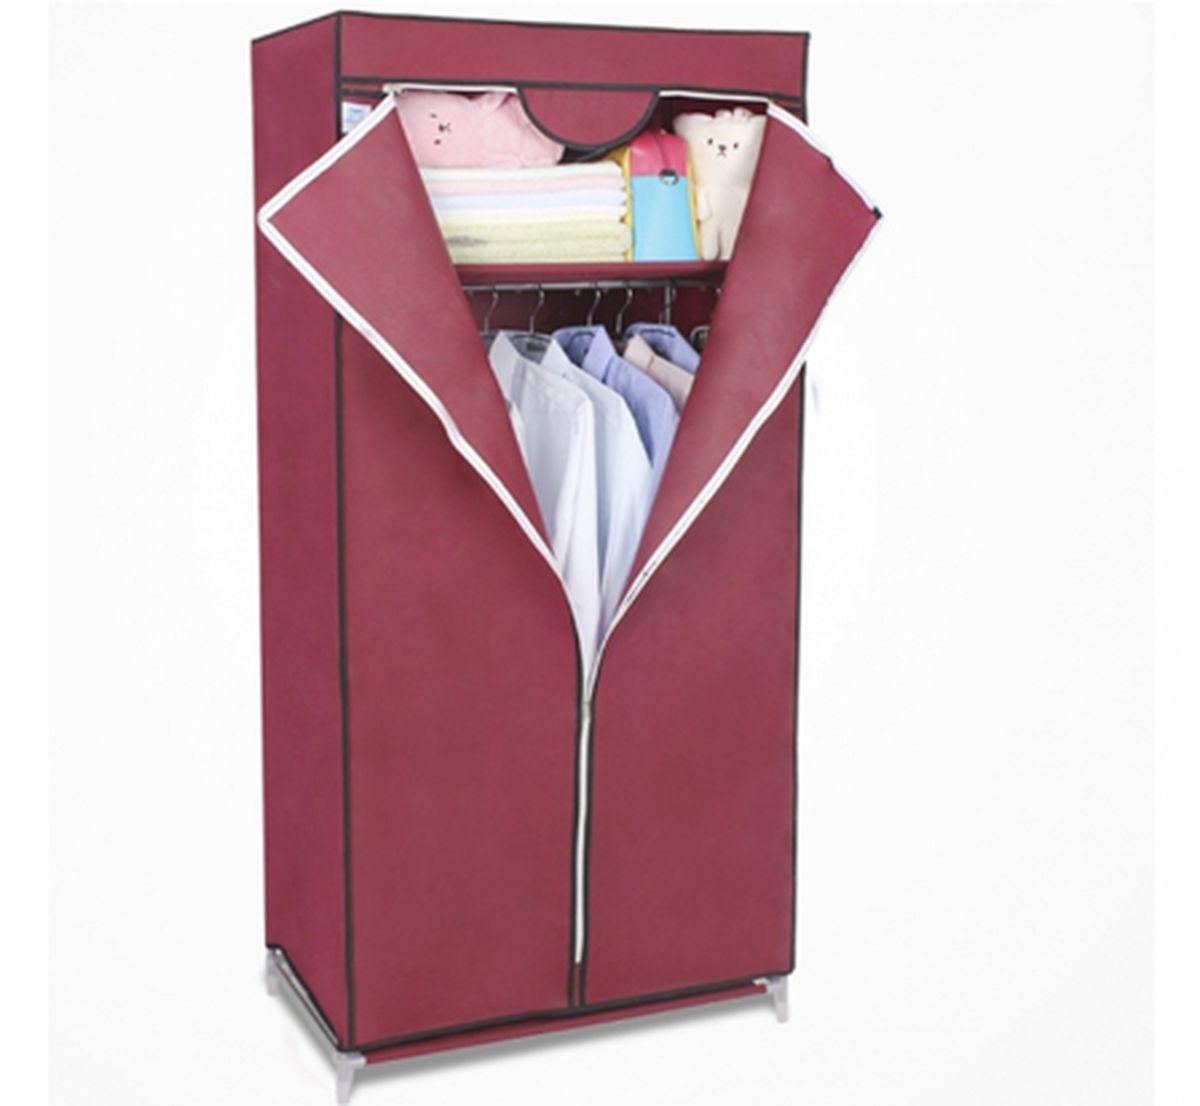 Шкаф Homsu Кармэн, цвет: бордовый, 68 x 45 x 155 см74-0060Шкаф Homsu Кармэн выполнен из текстиля. Сборная конструкция такого шкафа состоит из металлических деталей каркаса, обтянутых сверху прочной и легкой тканью. Этот шкаф предназначен в создании полноценного порядка. Изделие имеет удобную полку для складывания одежды 65 х 45 см и перекладину той же ширины для подвешивания курток, пальто, рубашек, свитеров и других вещей. Кроме своей большой практичной пользы, данный мебельный предмет также сможет очень выгодно дополнить имеющийся интерьер в помещении. Верхняя тканевая обивка, при этом, всегда может быть легко и быстро снята, если ее необходимо будет постирать или заменить.